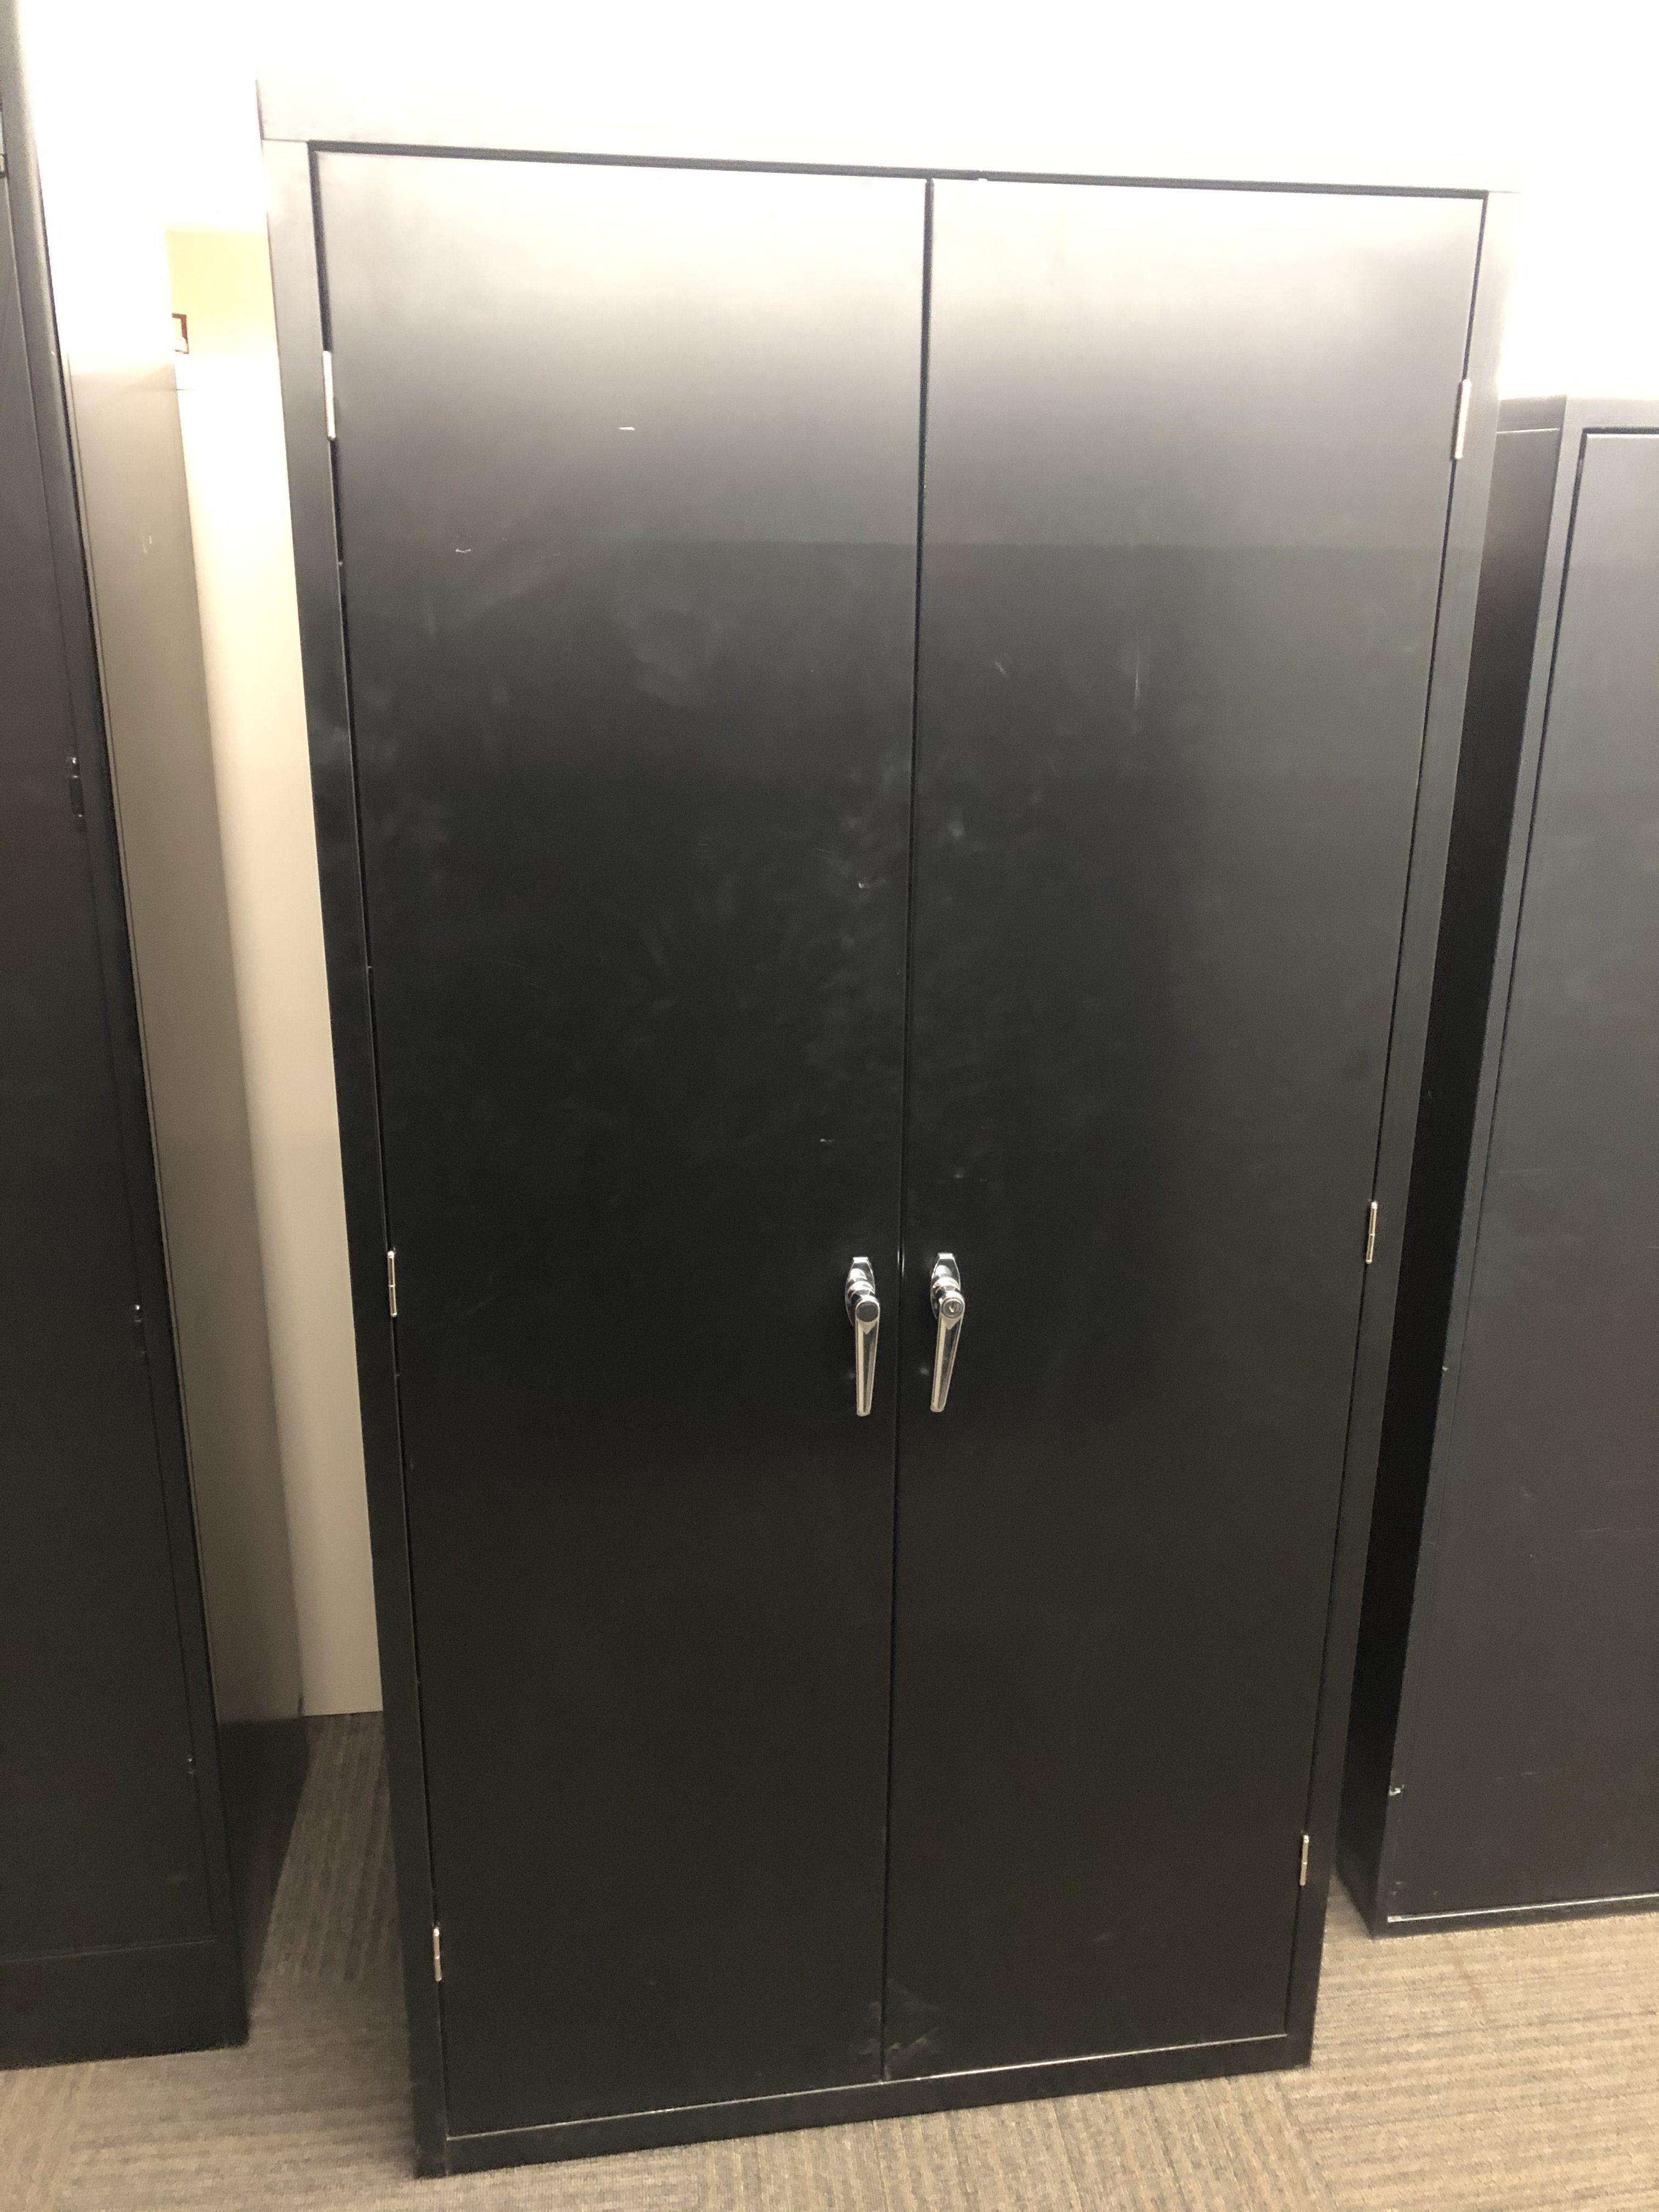 Hon Black Metal Storage Cabinet Used